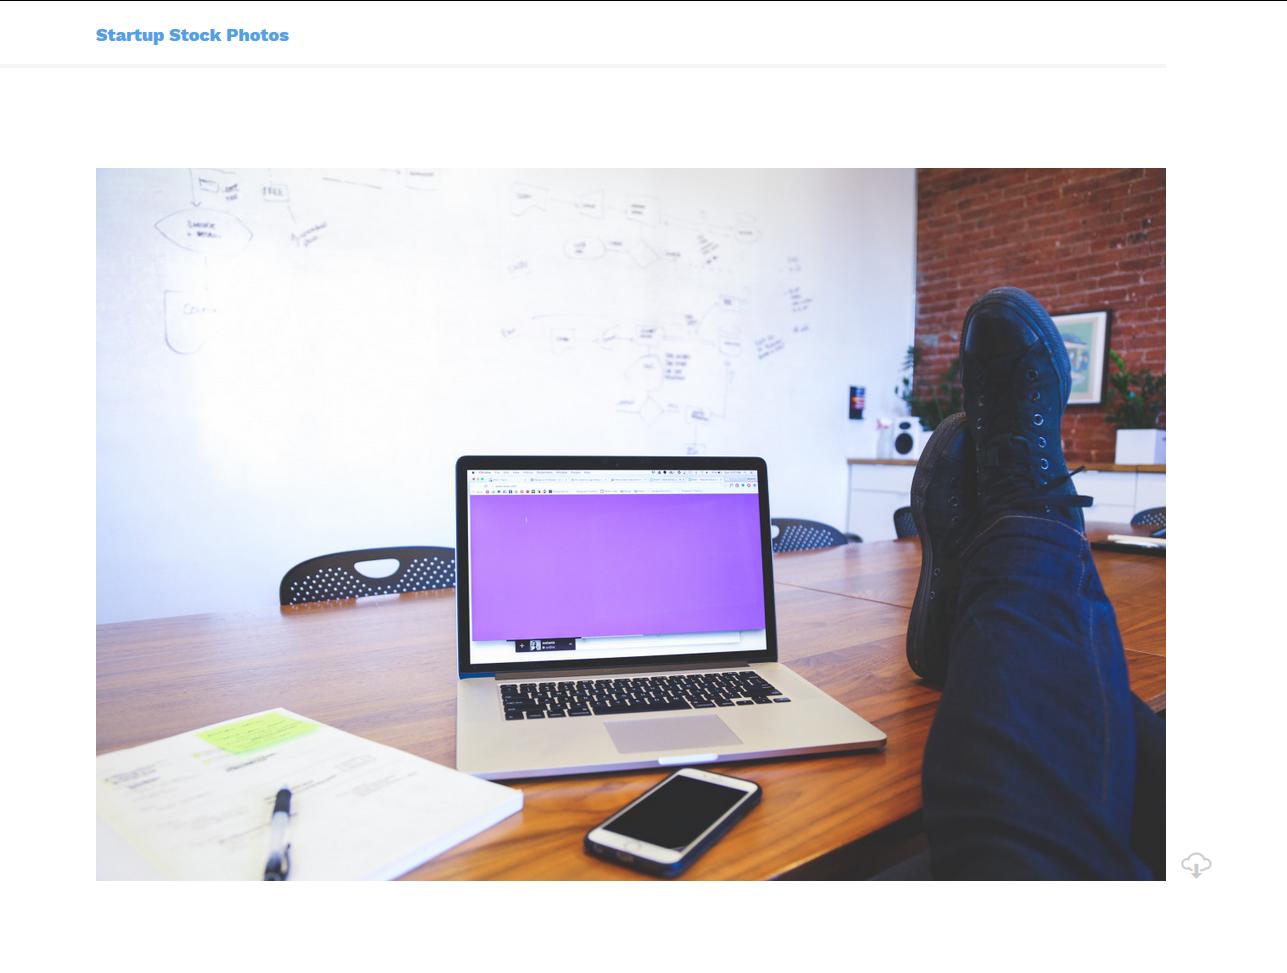 free stock photos startup